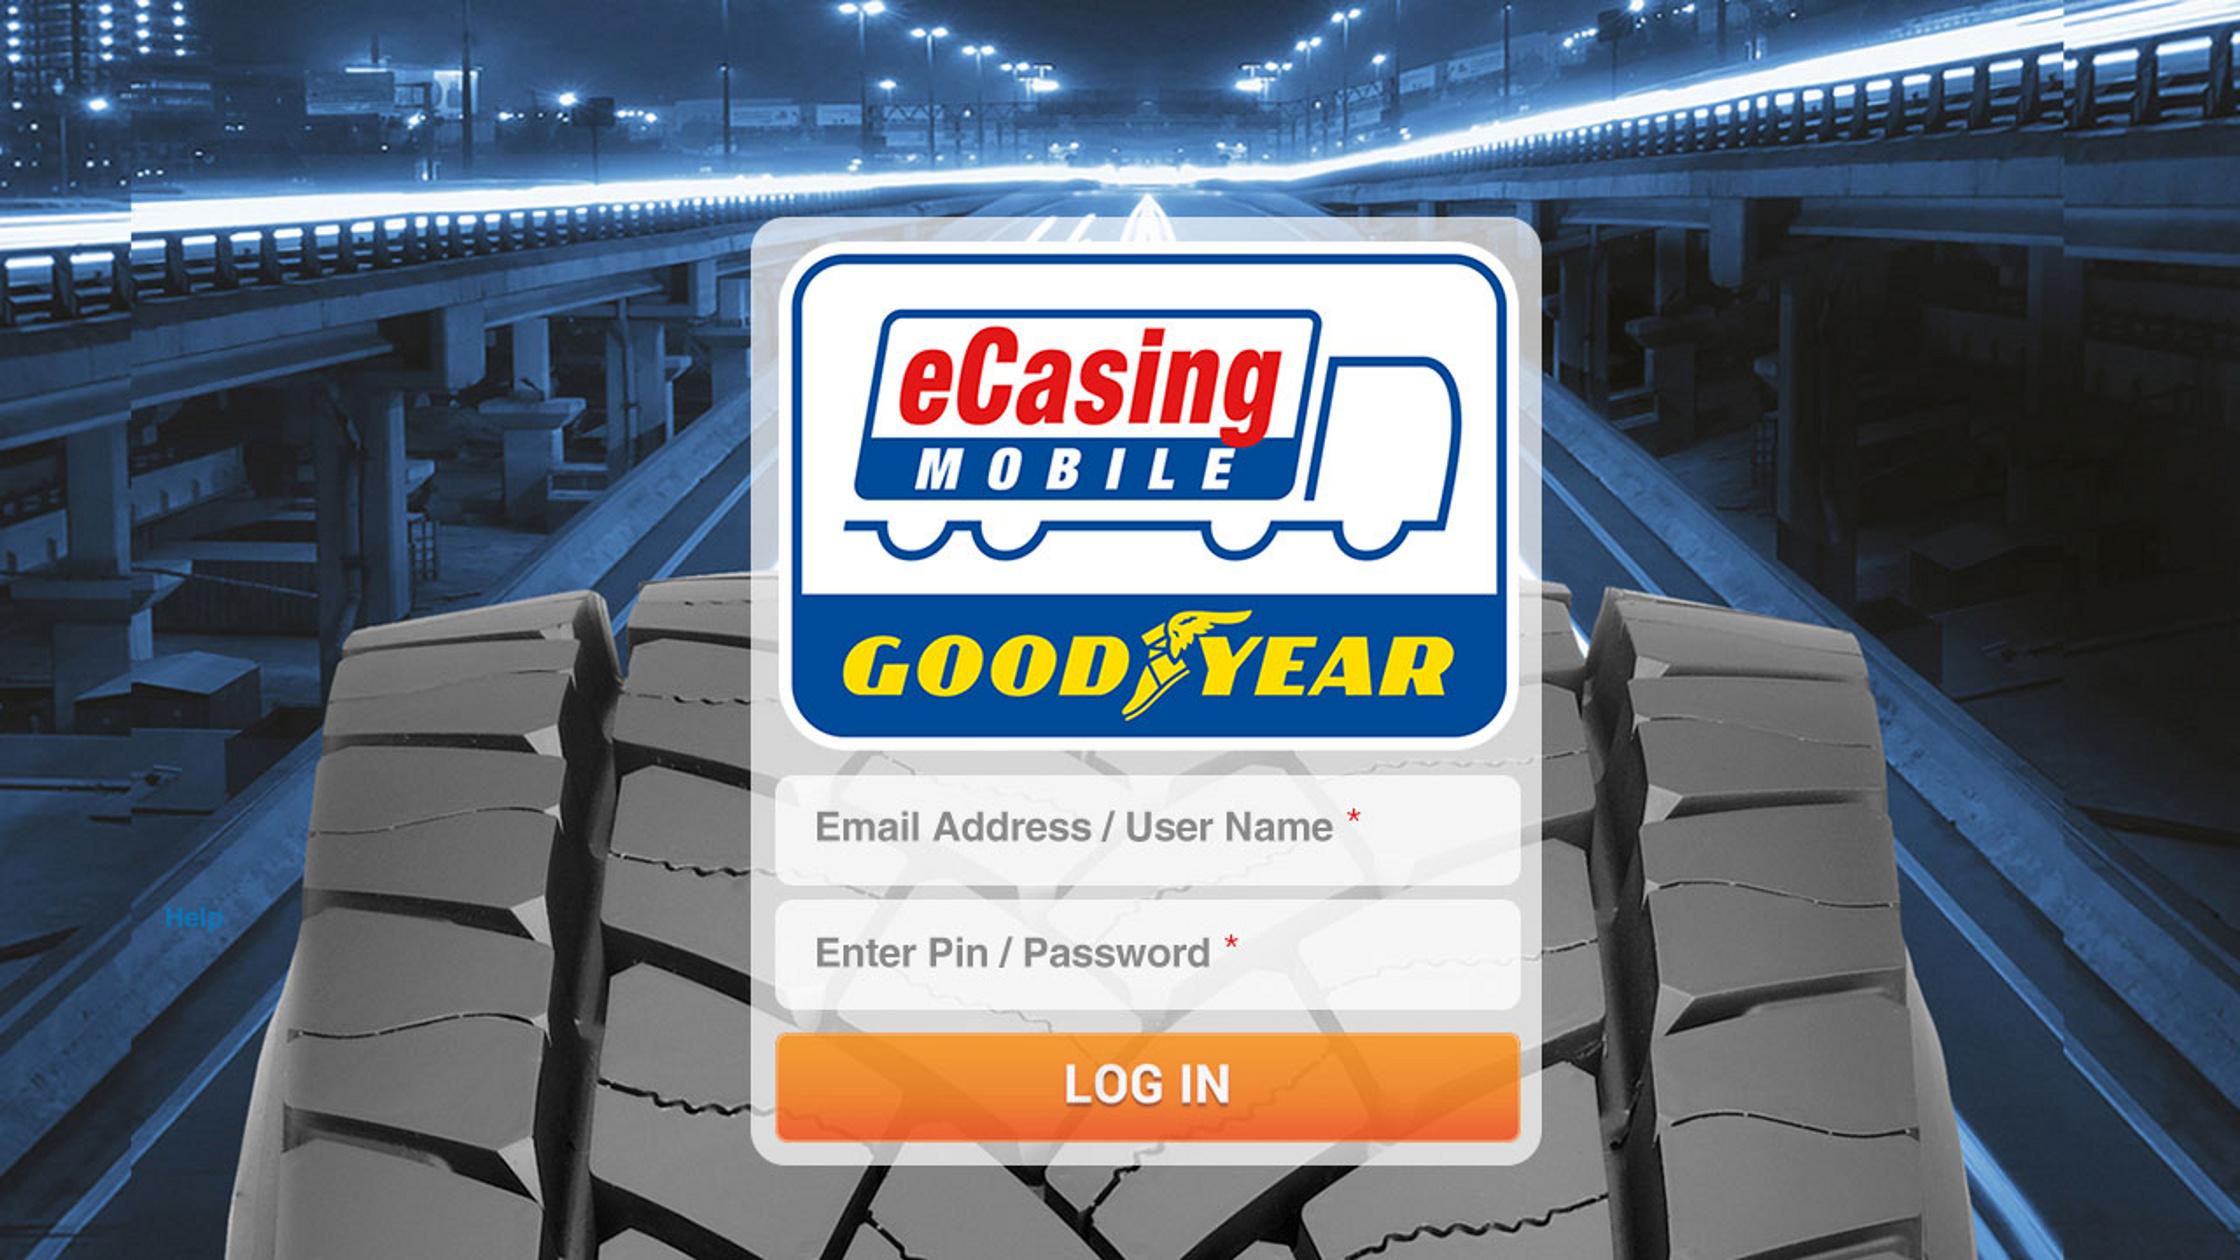 Goodyear eCasing Mobile App Login iPad